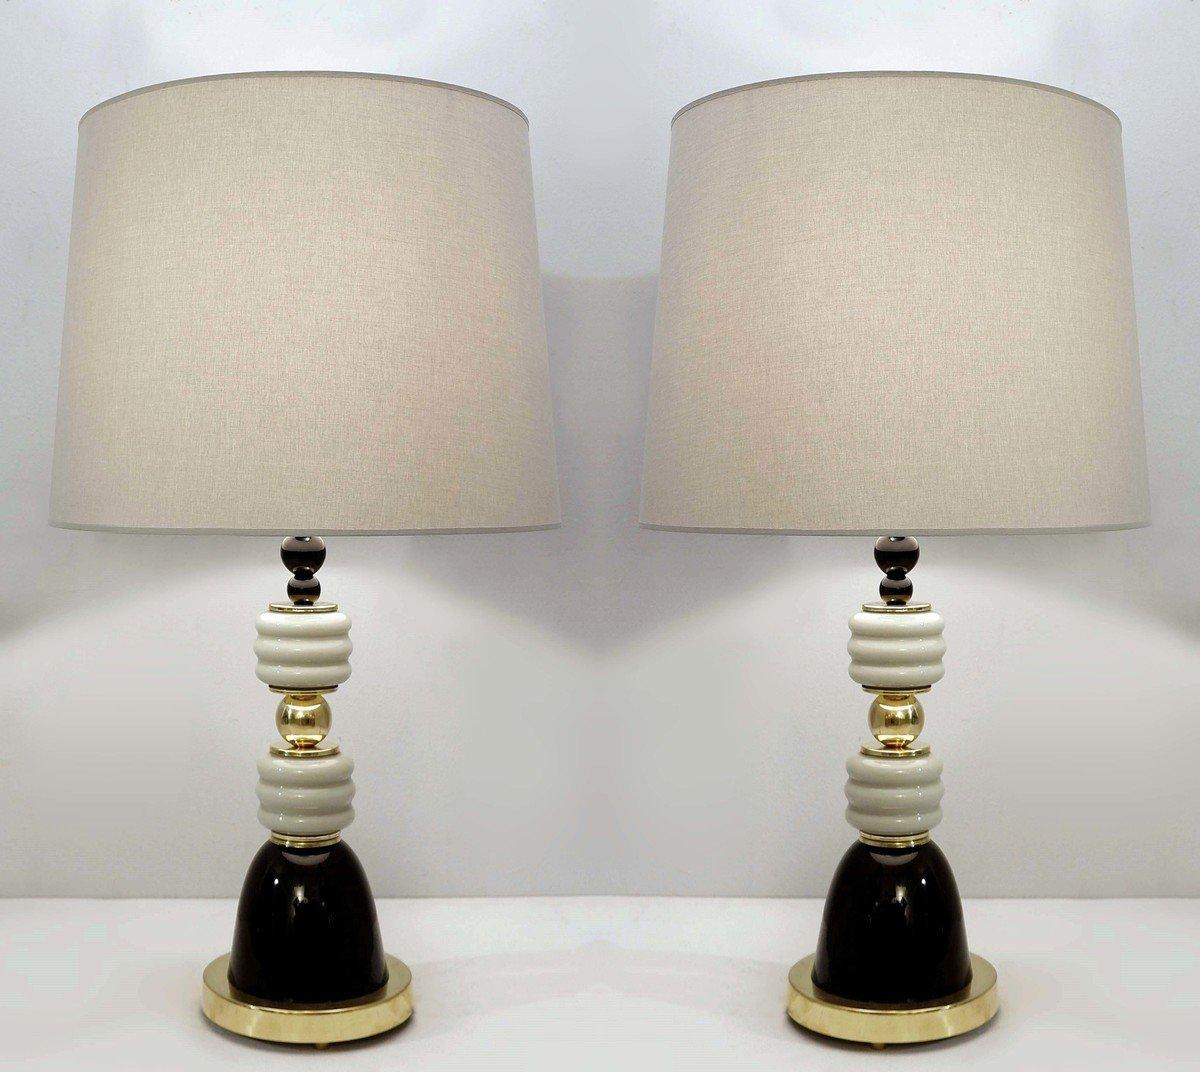 Paire De Lampes De Bureau Italiennes En Laiton Et Verre Gris / Noir